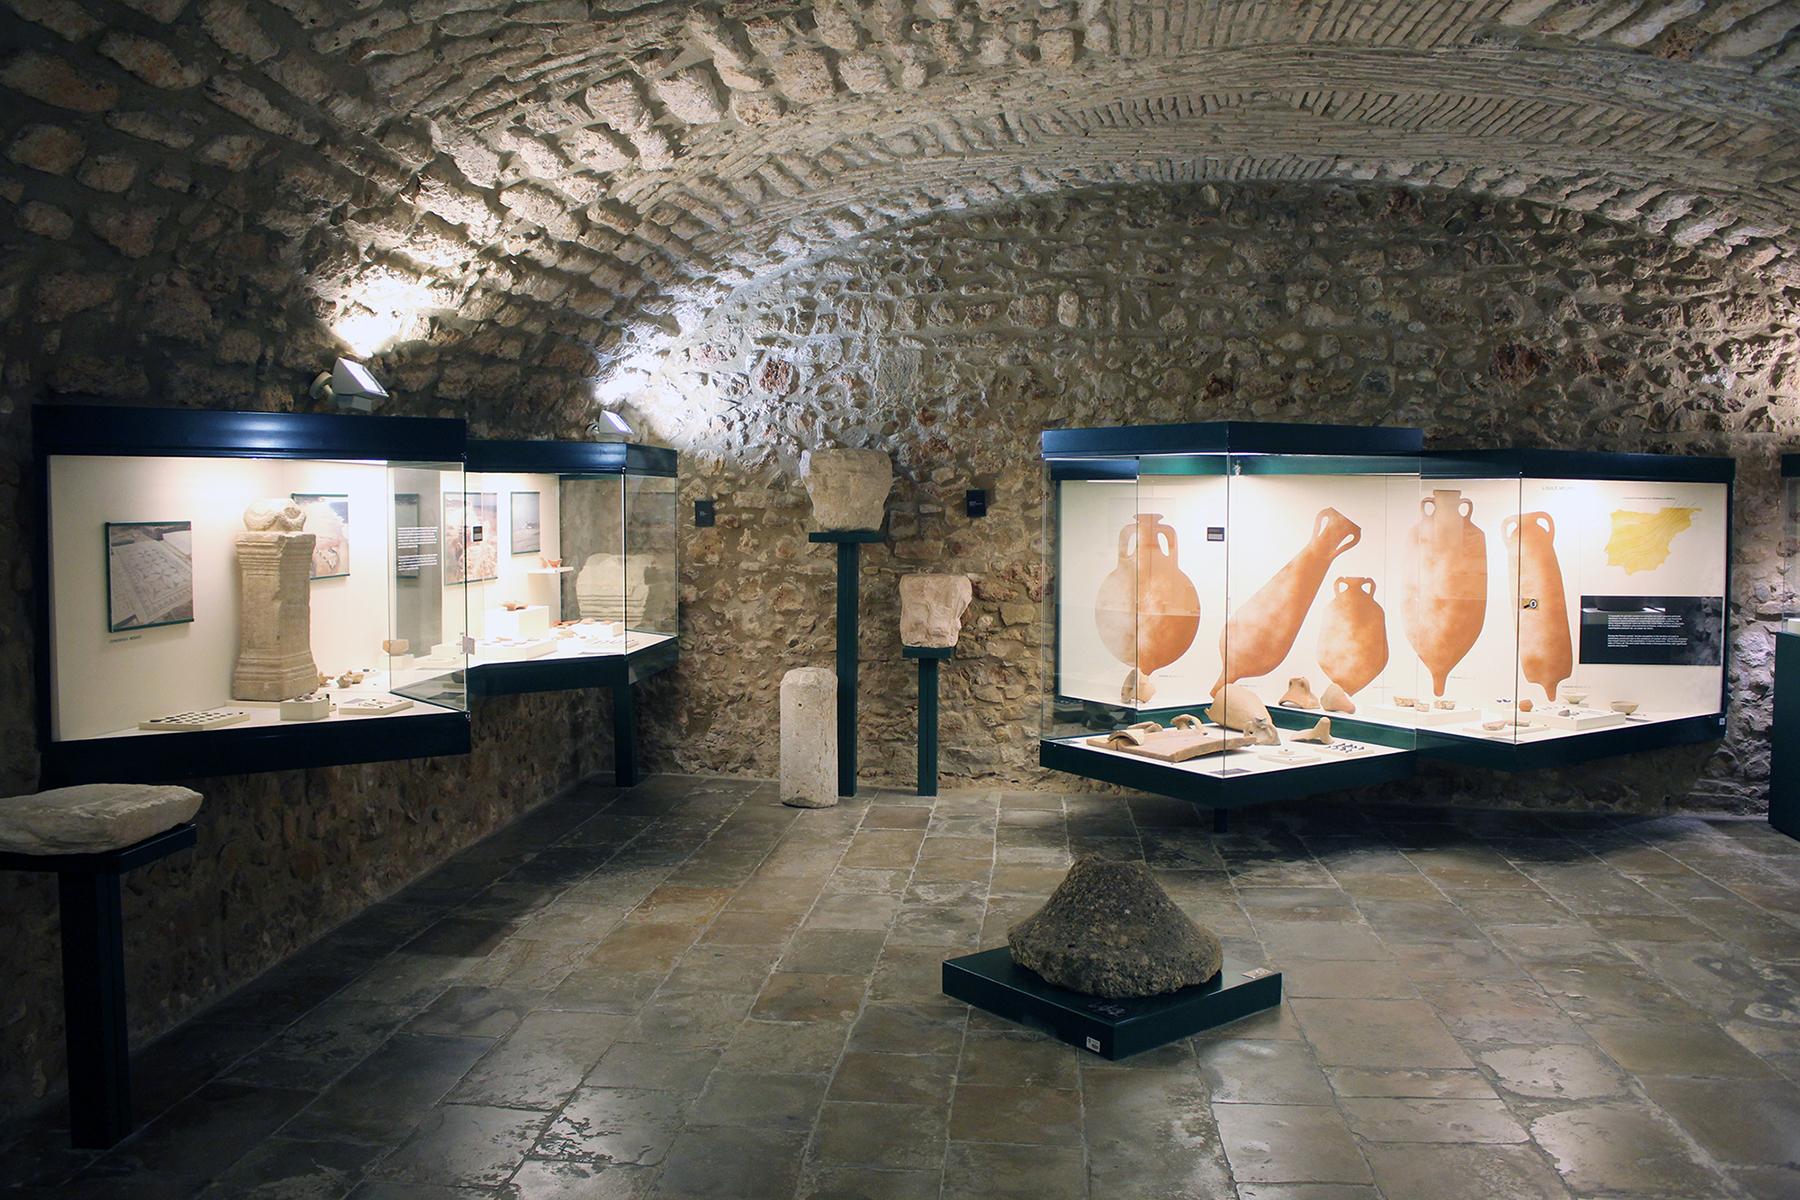 Castelo_Museu_Cozinha_Tradicional_Loule